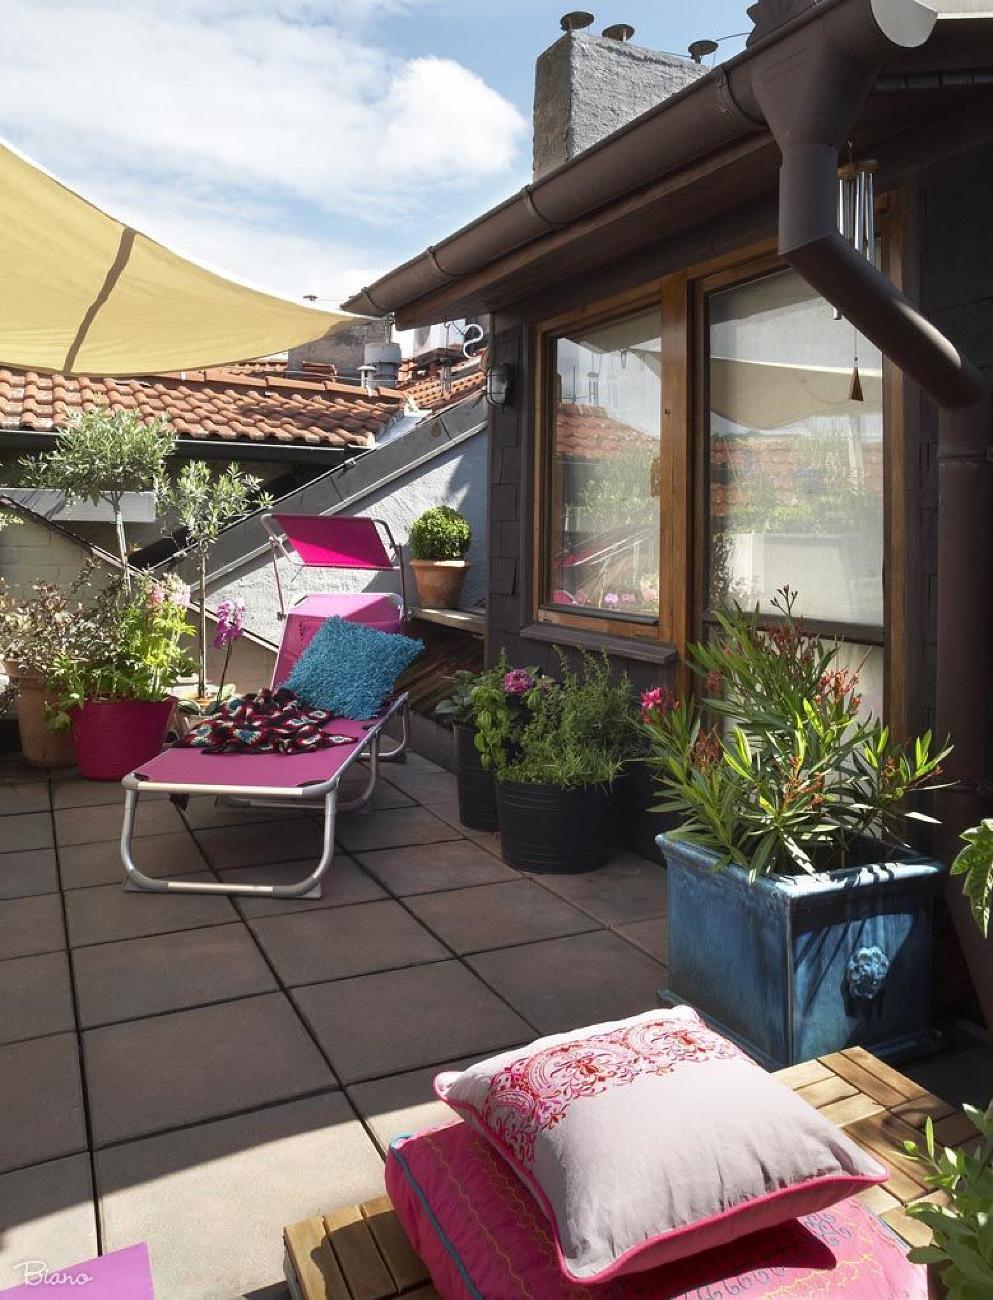 Na terase nesmie chýbať ani lehátko. Teplota vonku už síce nie je na veľké opaľovanie, ale slnečným lúčom sa môžete krásne vystaviť a ohriať sa.